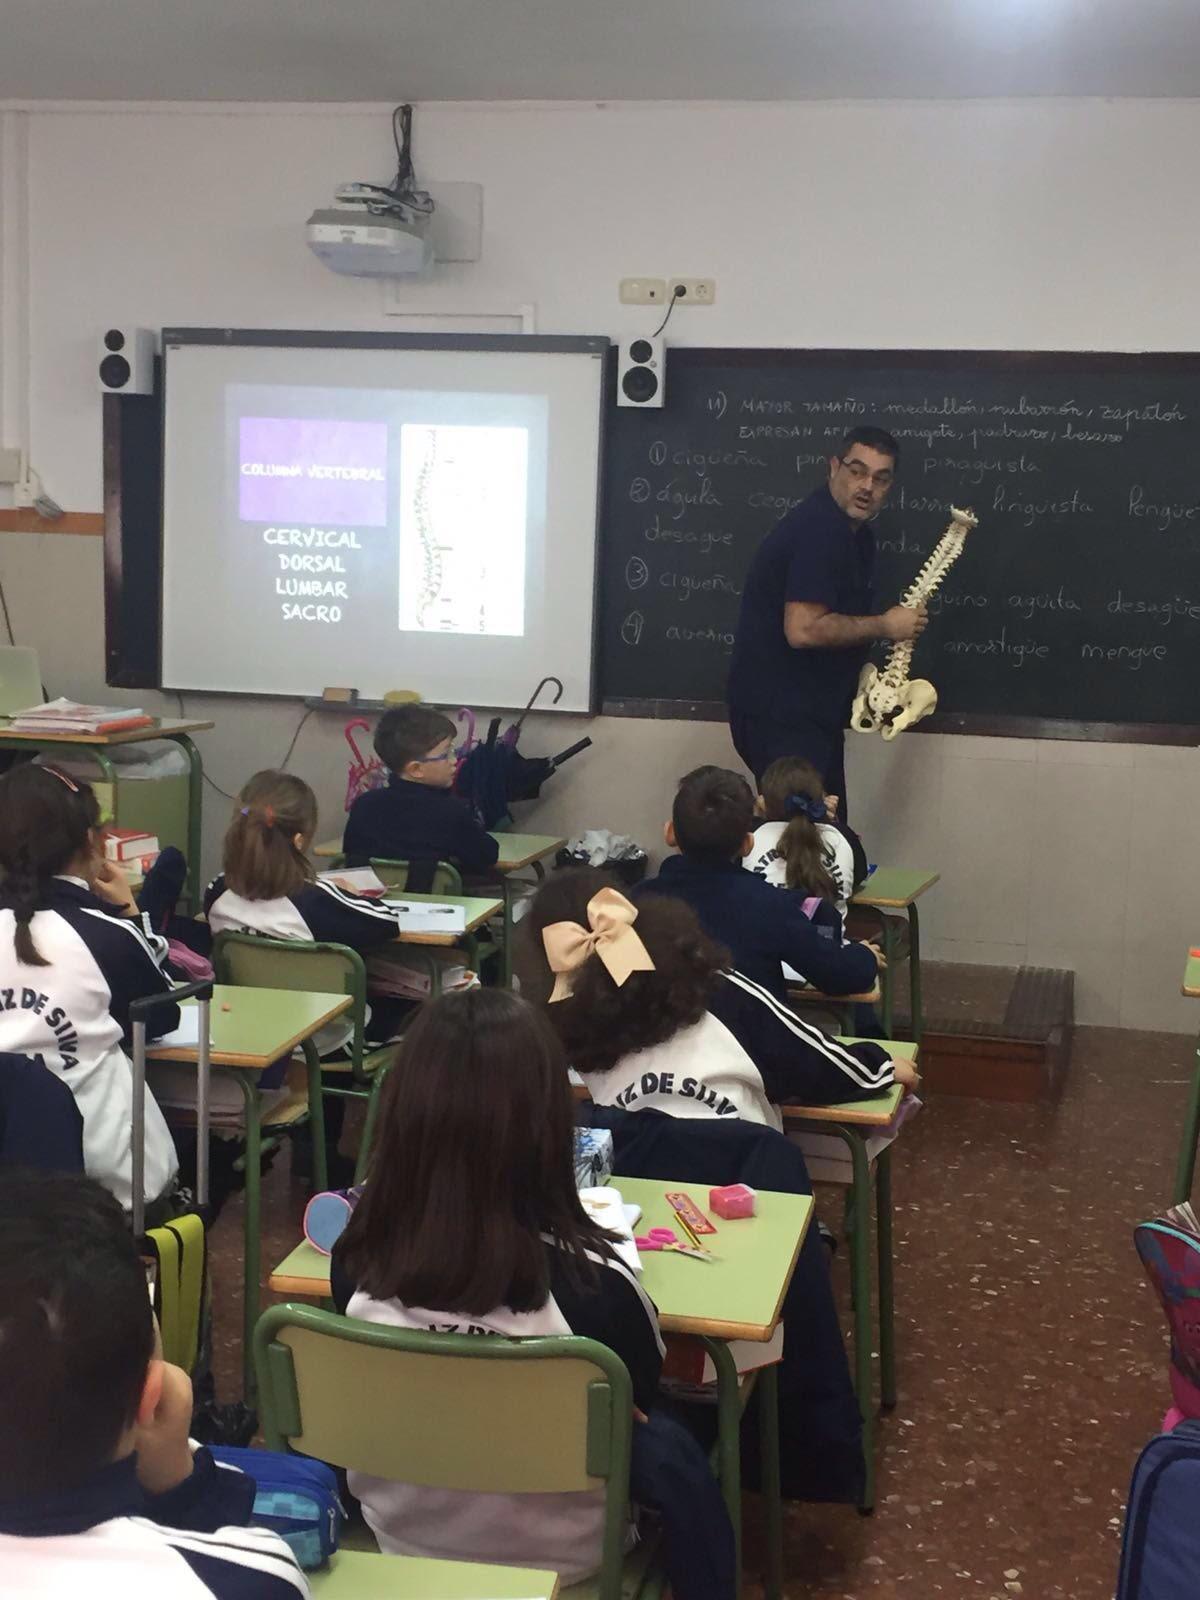 Escuela De Espalda Y Obesidad Infantil De La Mano De Profesionales Del Ingesa A Alumnos Del Colegio Beatriz De Silva área Sanitaria De Ceuta